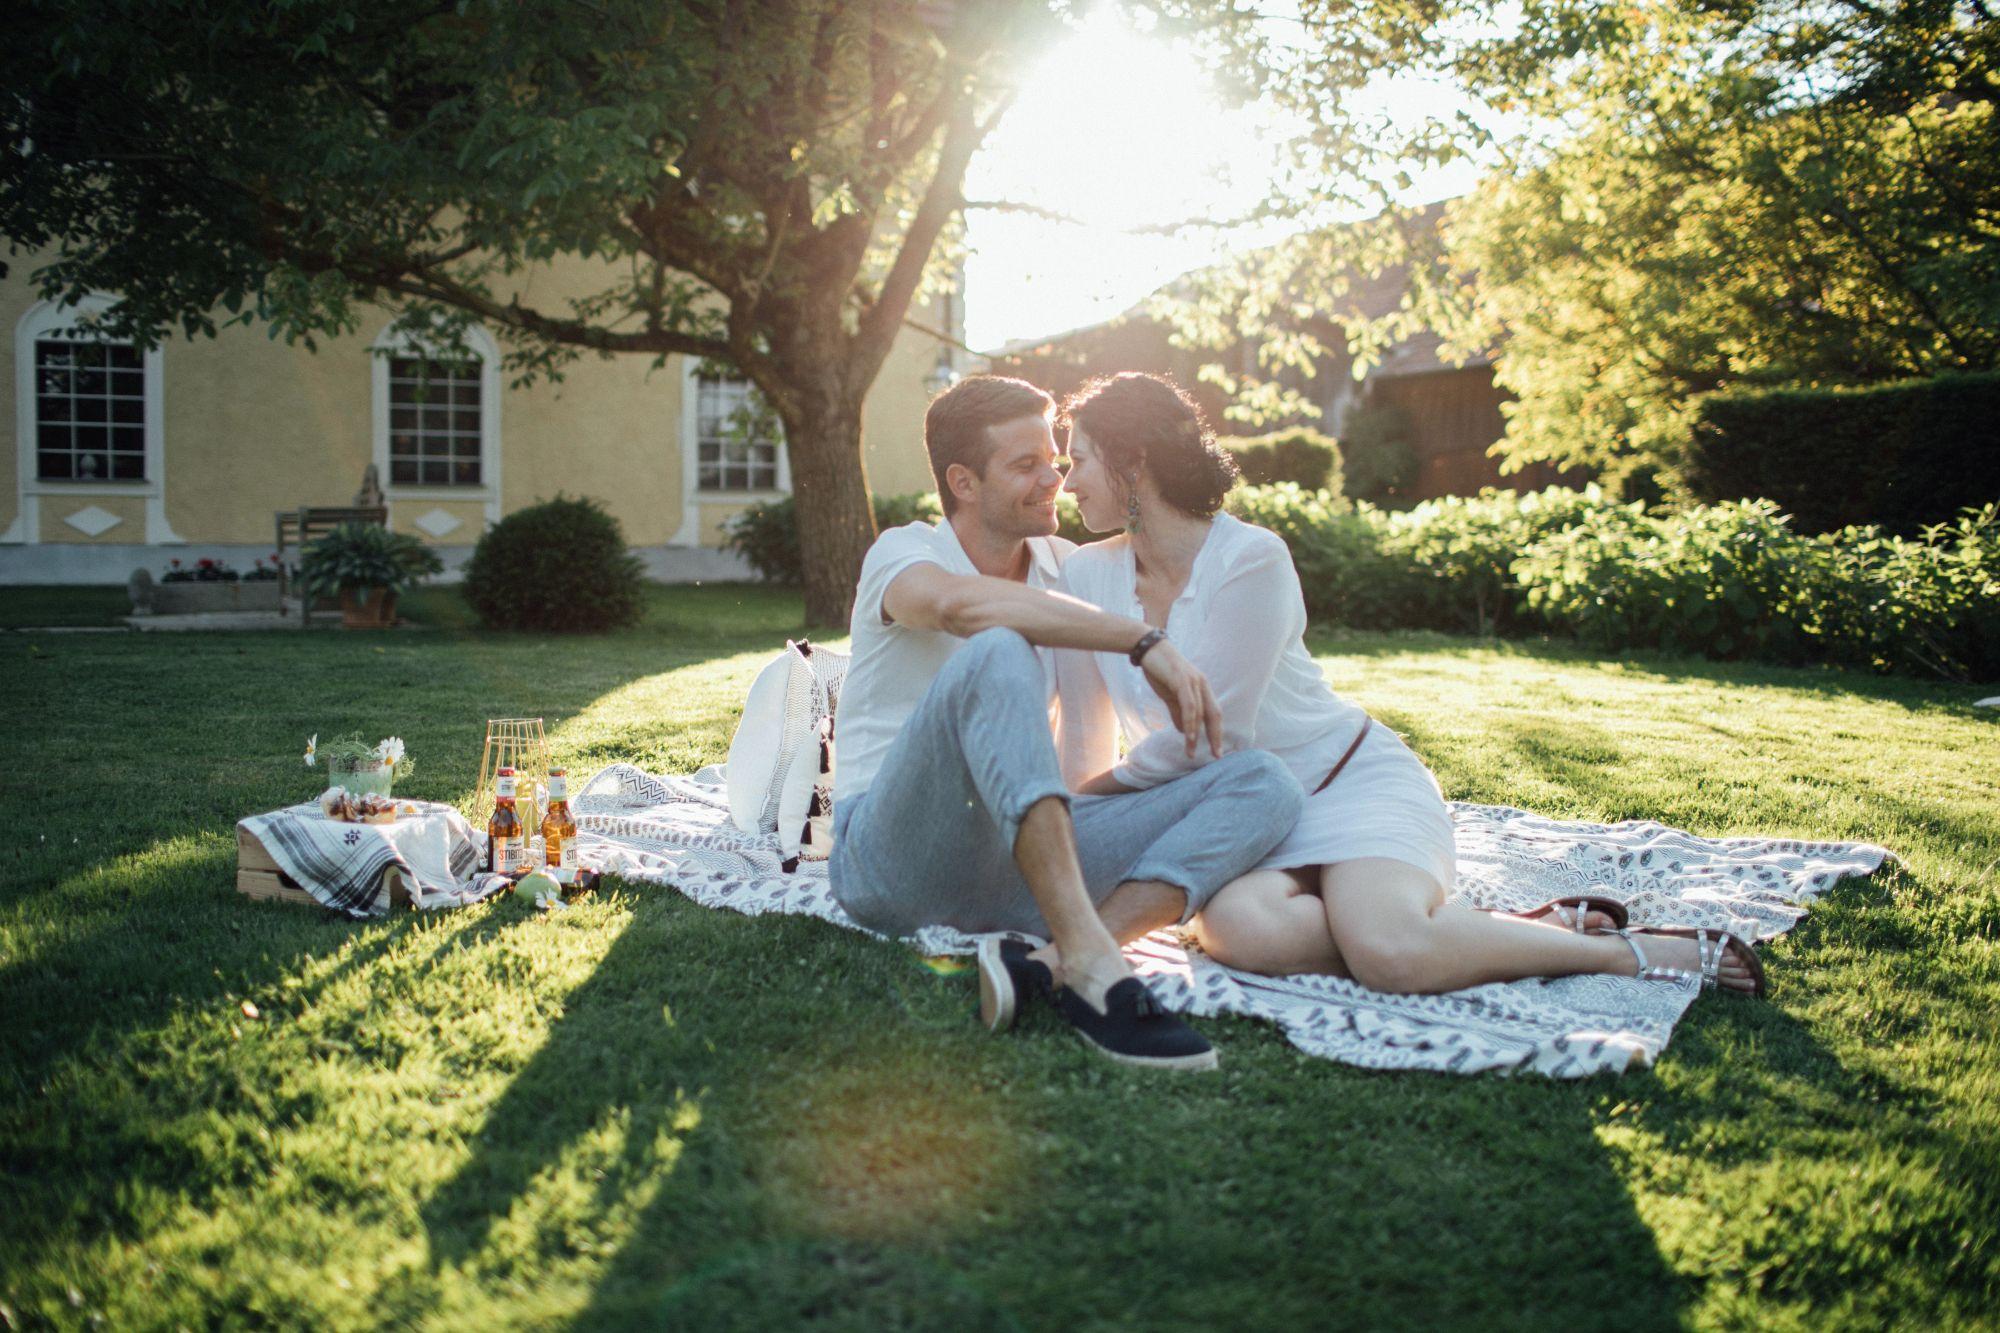 Romantisches Picknick im Grünen